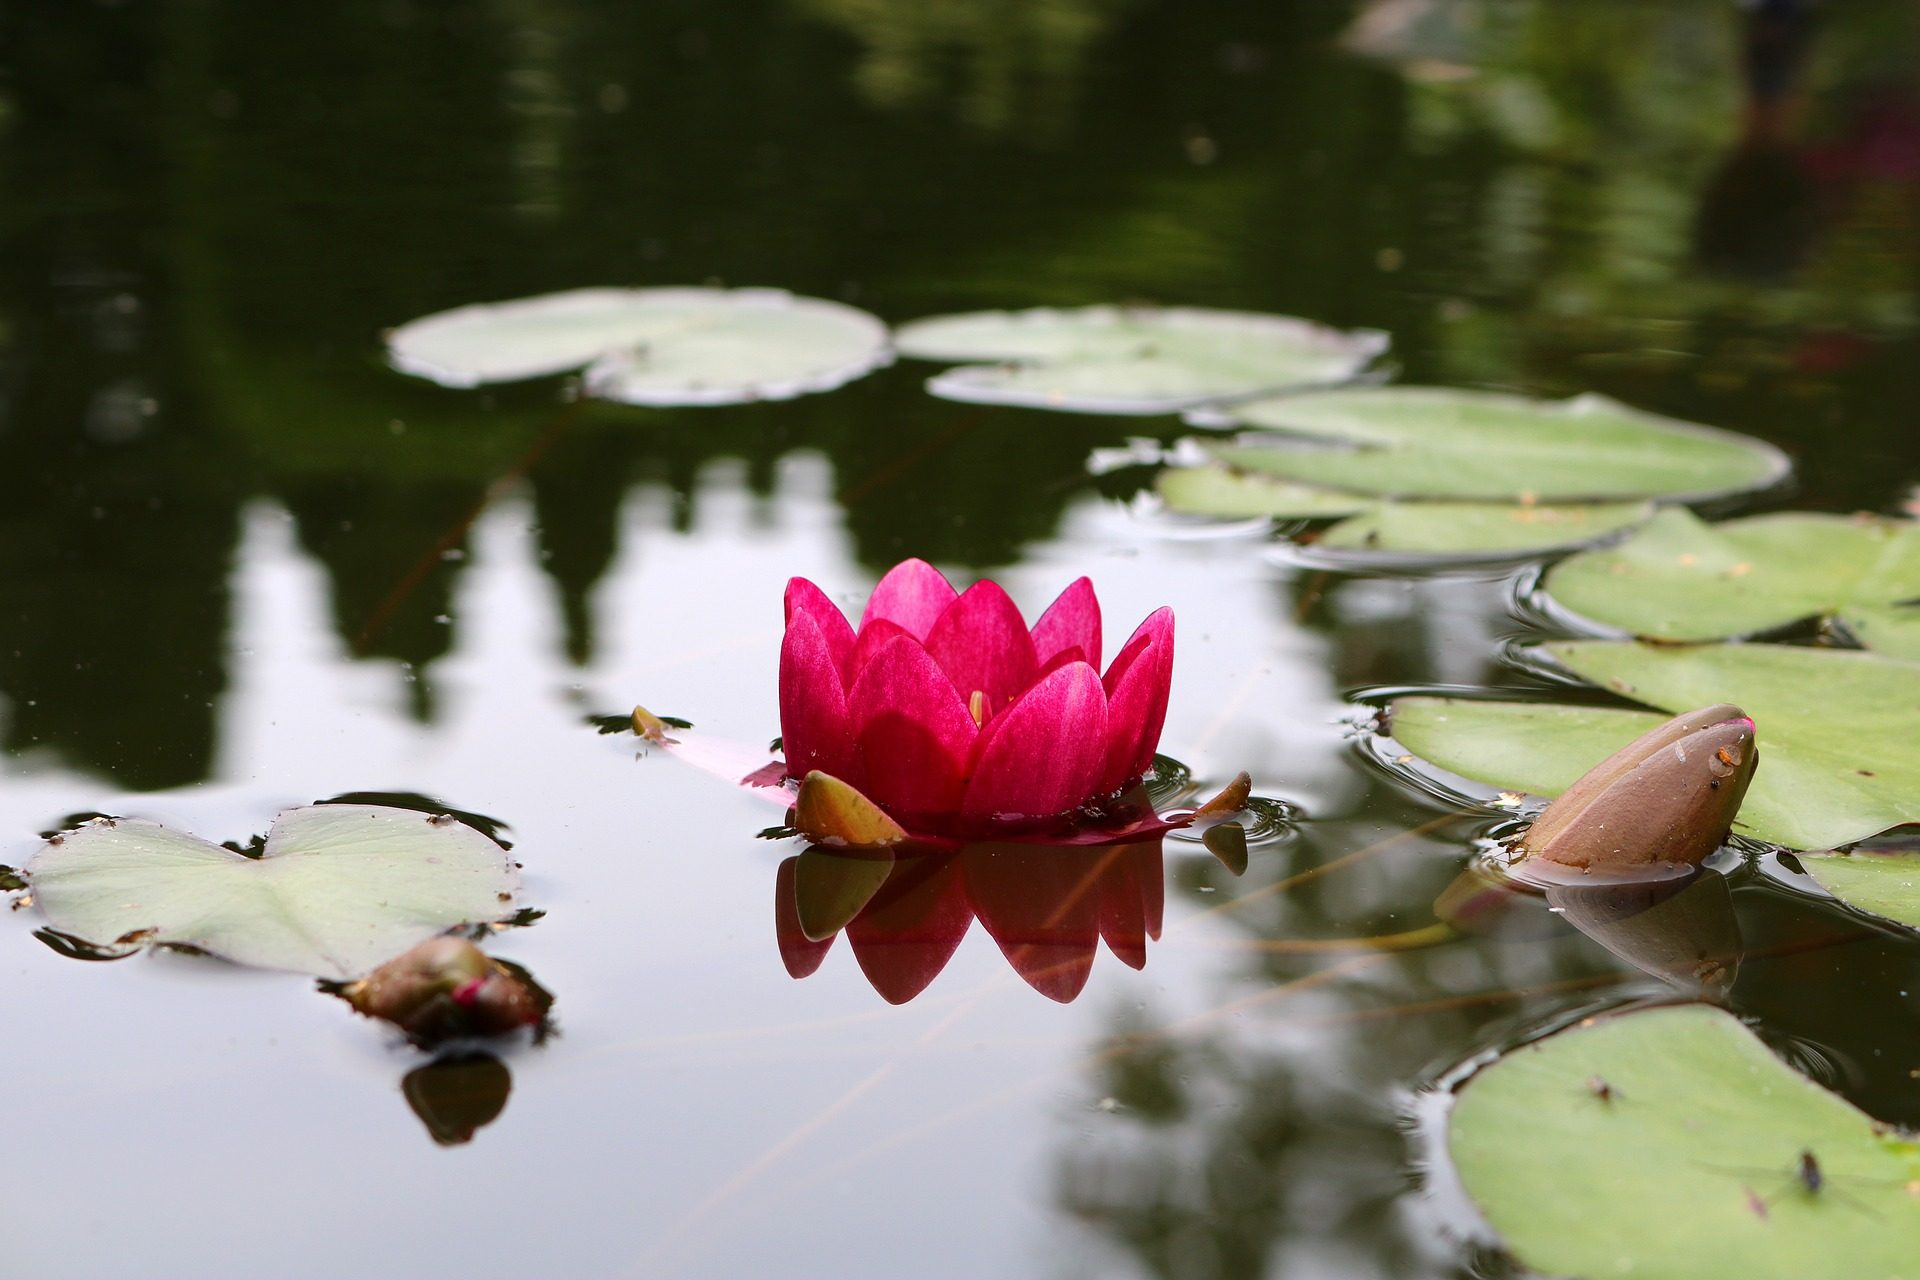 लिली, पानी, तालाब, पत्ते, पंखुड़ियों, गार्डन - HD वॉलपेपर - प्रोफेसर-falken.com